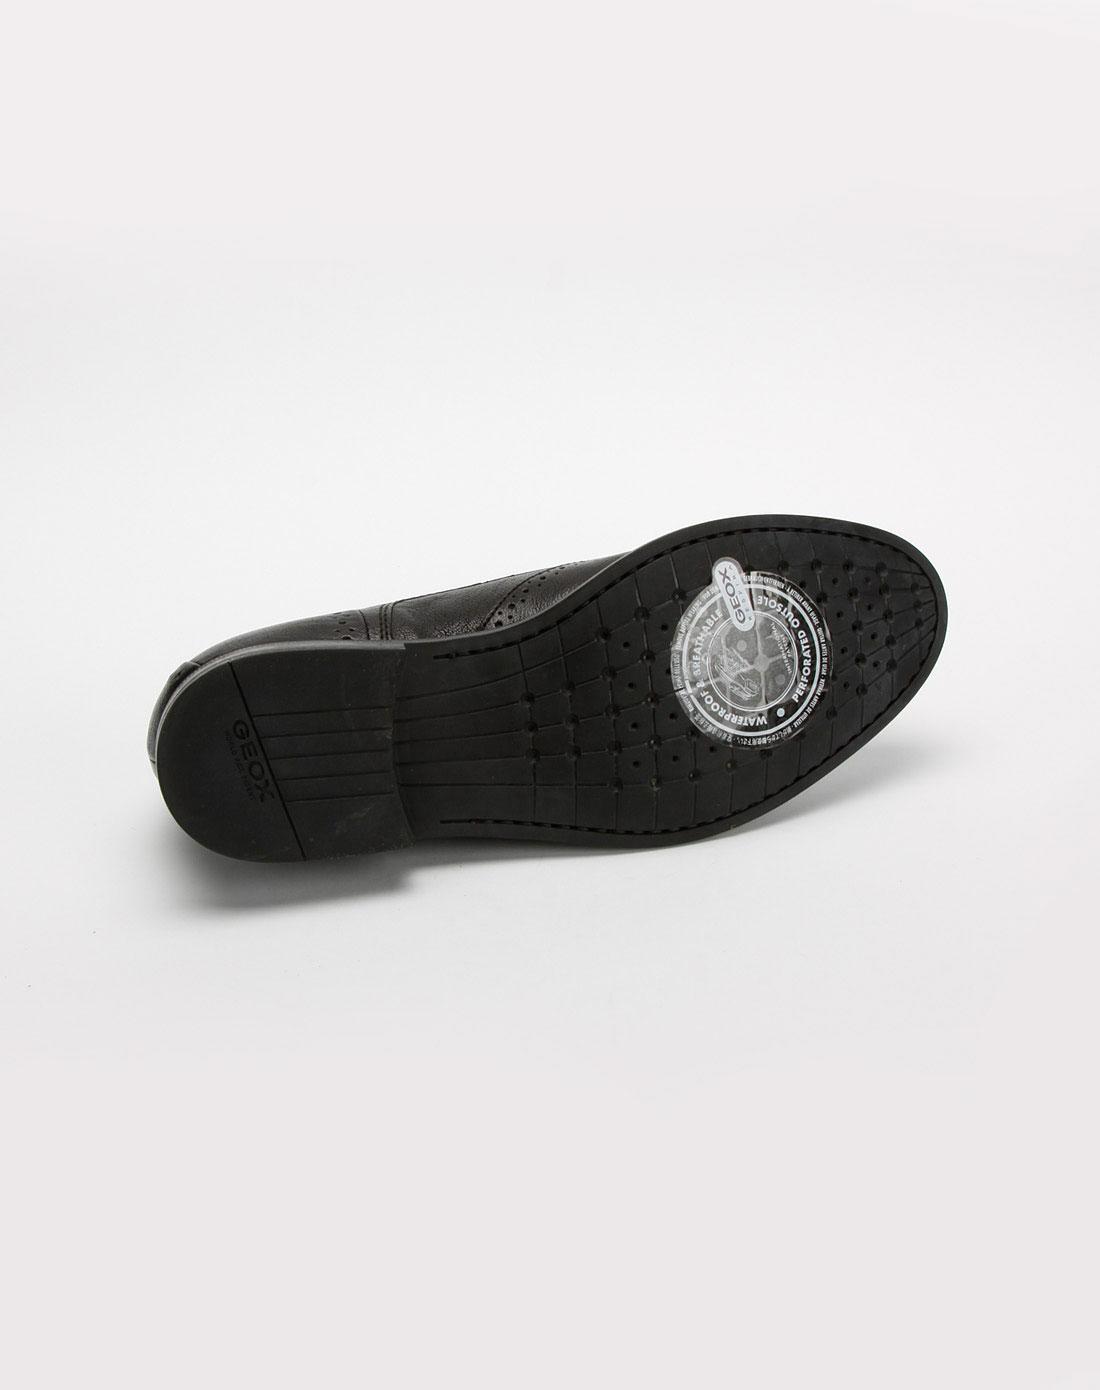 健乐士geox男款黑色时尚牛皮鞋